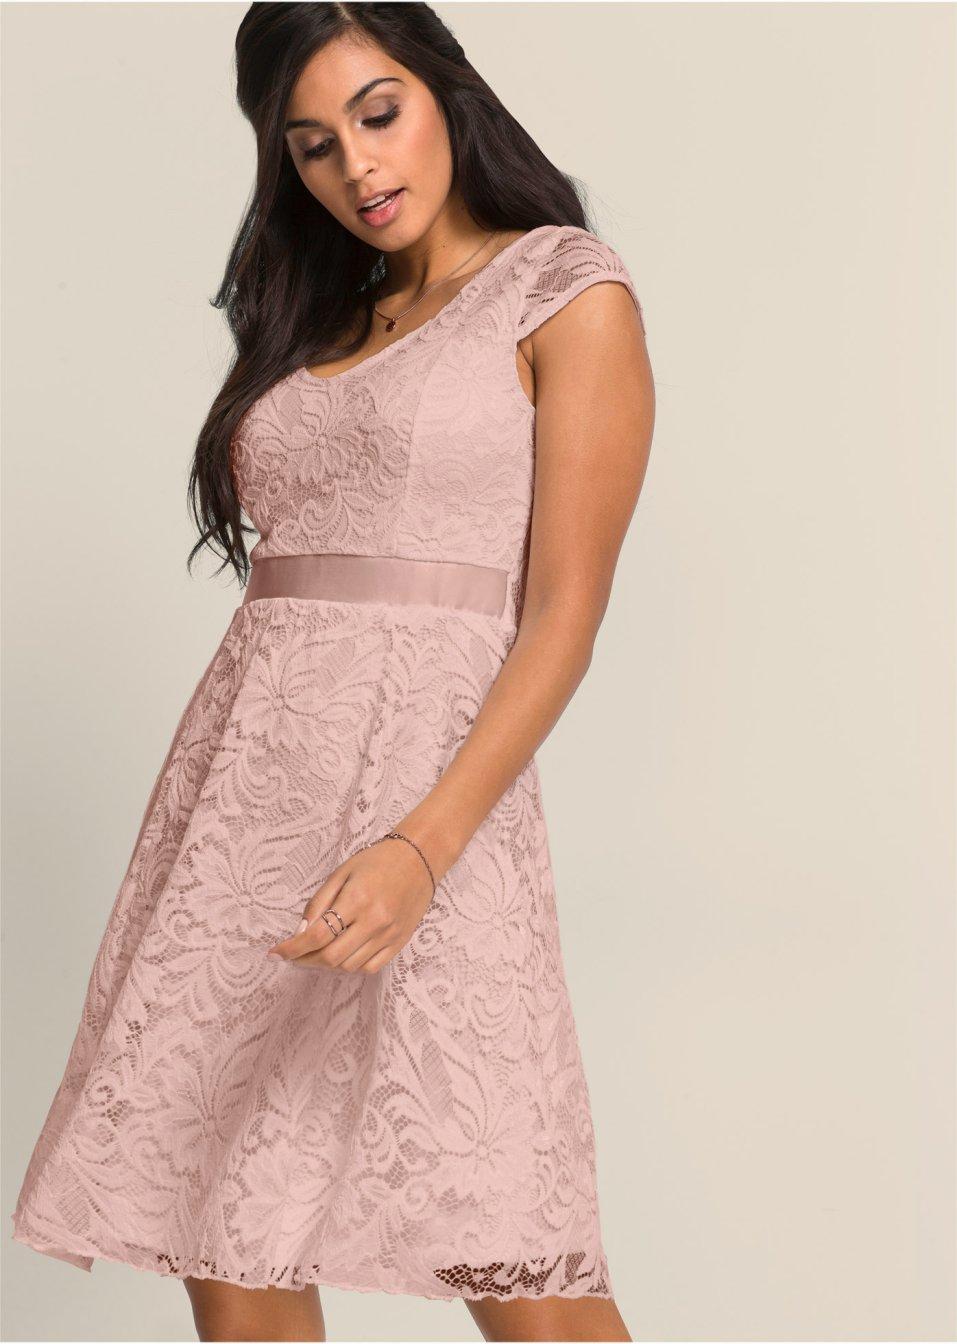 kleider in rosa jetzt online bestellen | bonprix